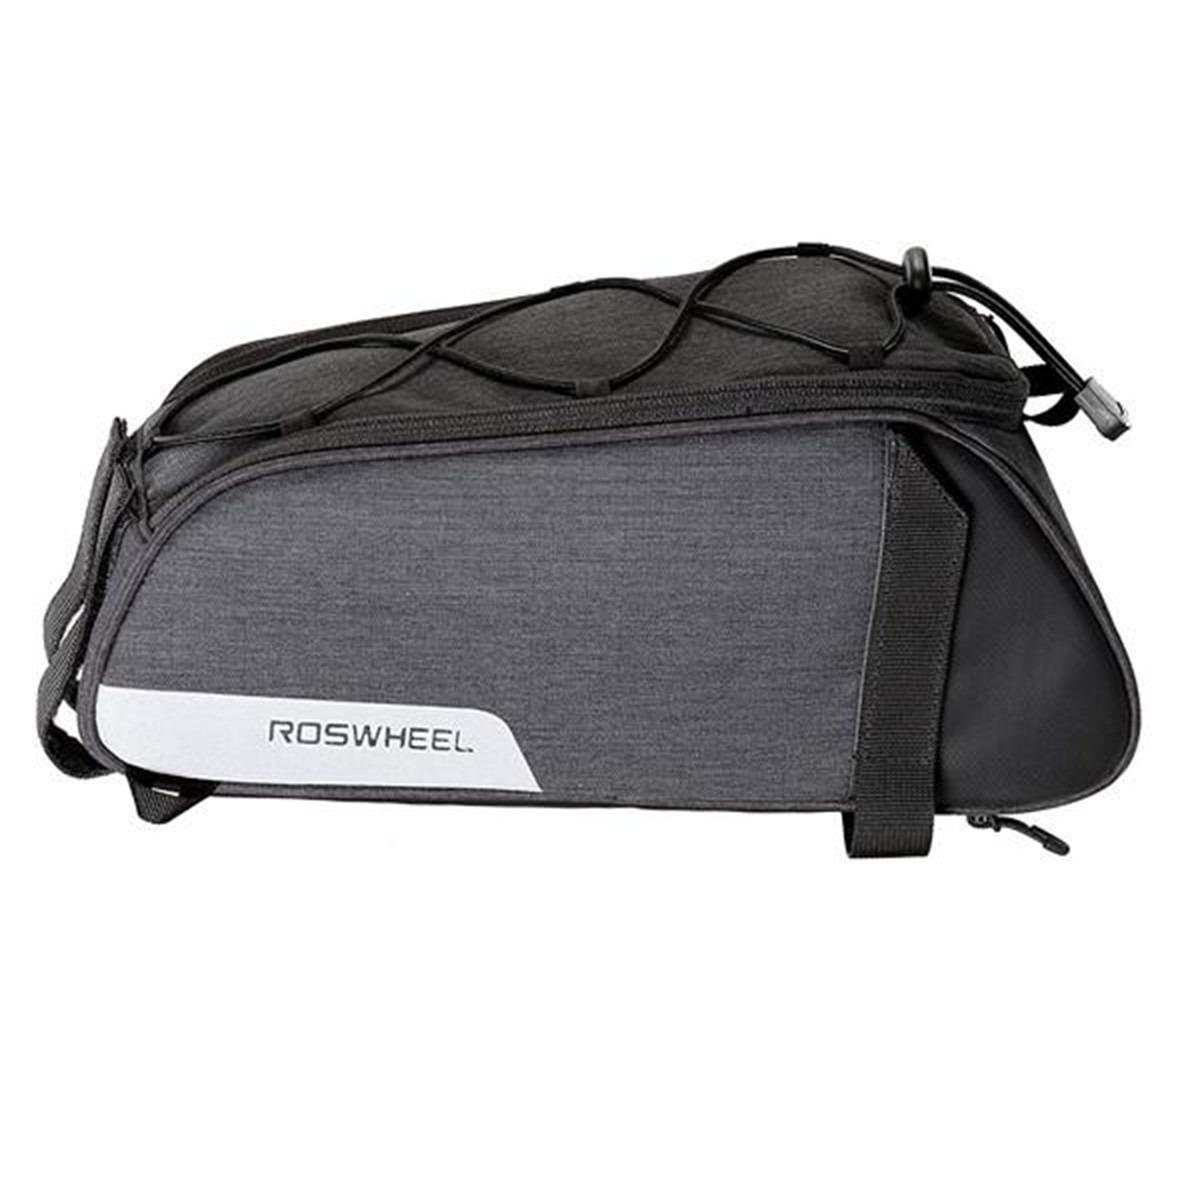 5096a649023 Bolso Roswheel Essential Cargo Bag Bicis Mtb Y Urbanas - $ 1.418,00 ...